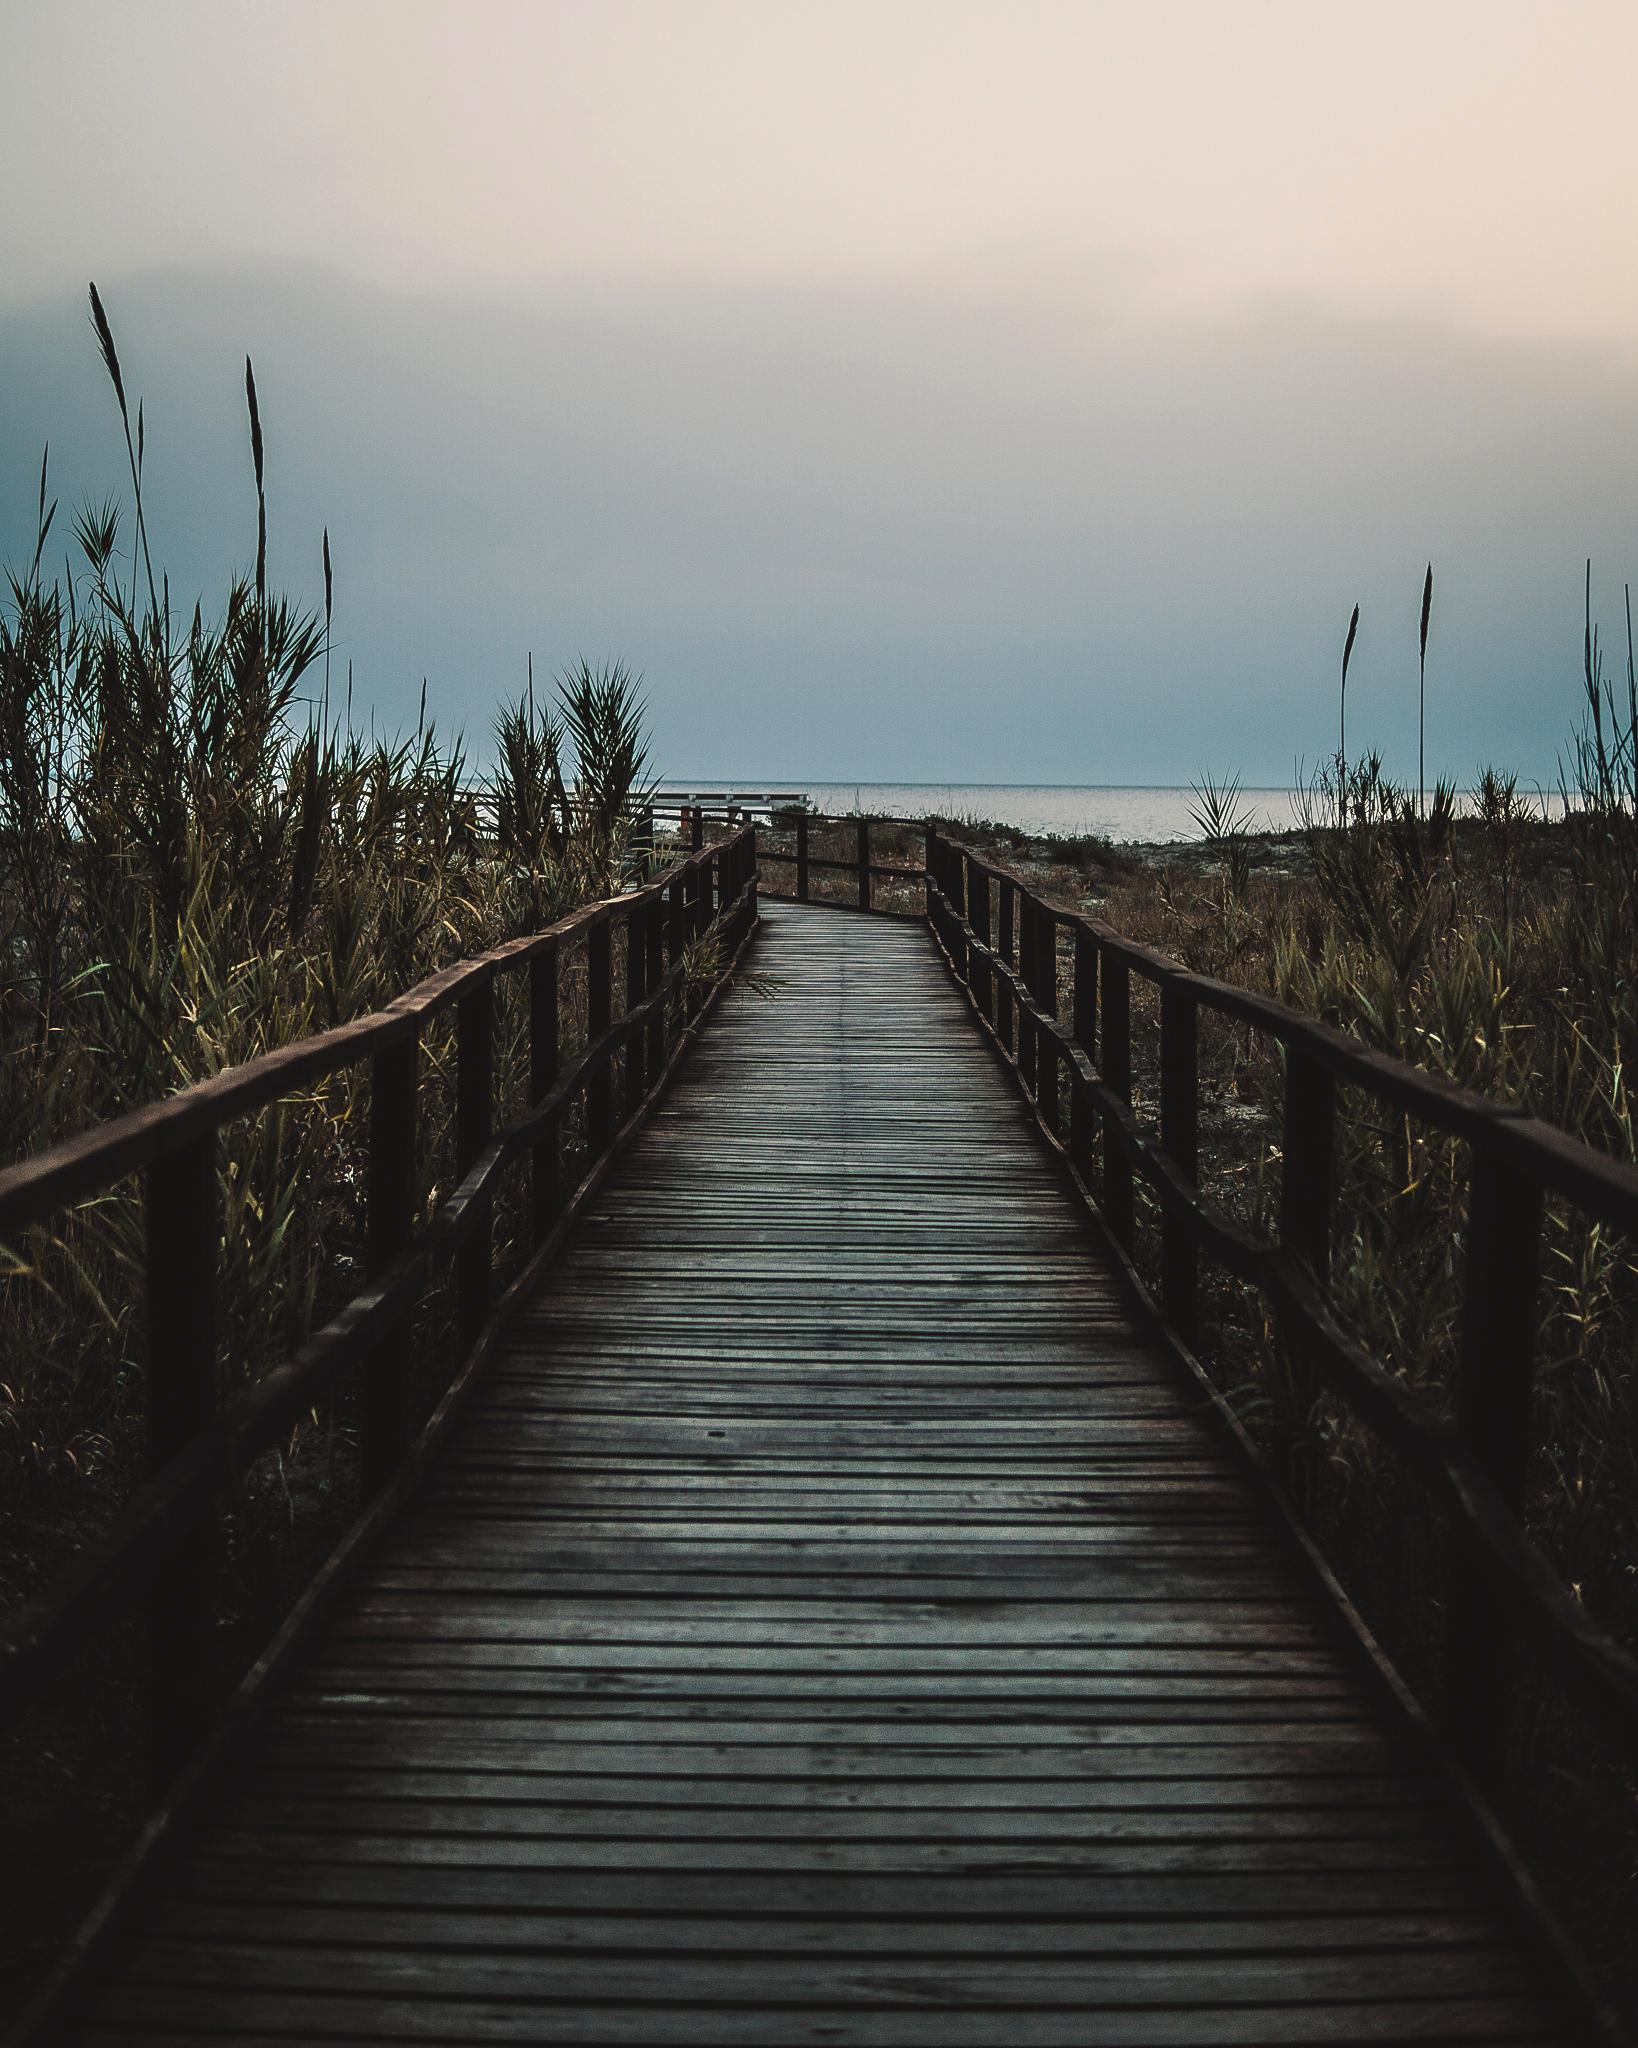 Zeno fugge ed ottiene la libertà arrivando al mare